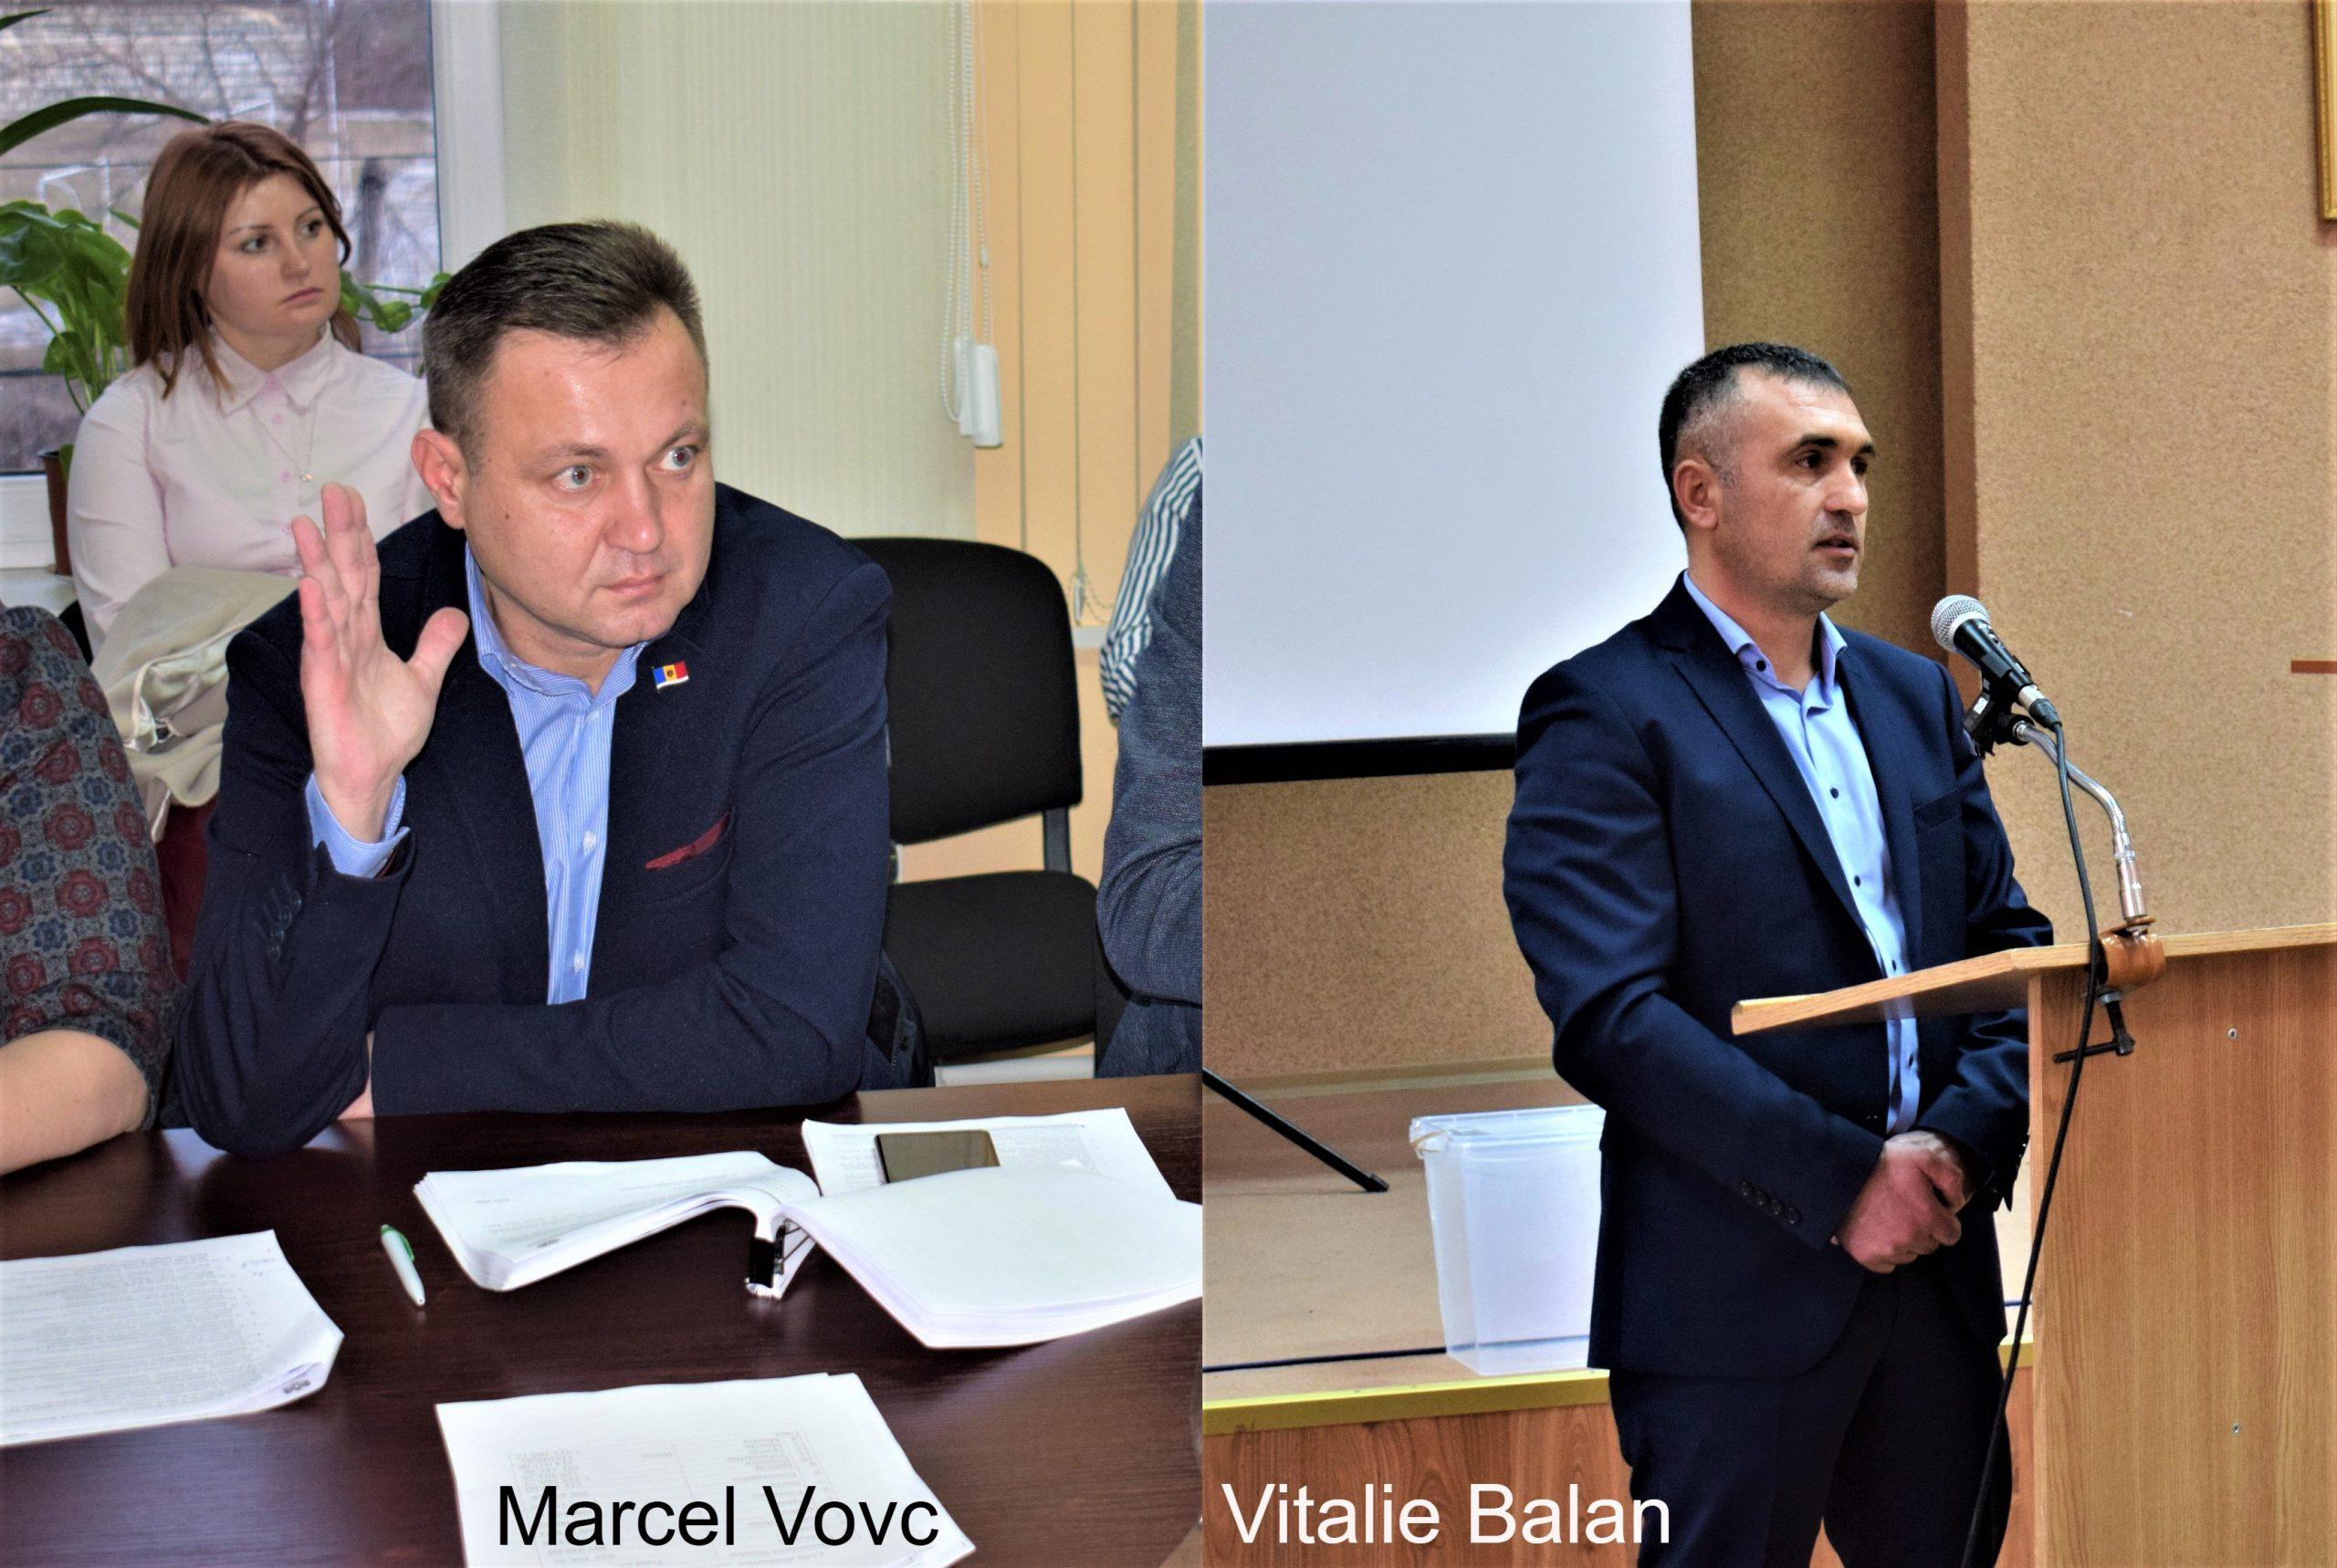 Consilierii Marcel Vovc și Vitalie Balan la ședințele de consilii din Ialoveni